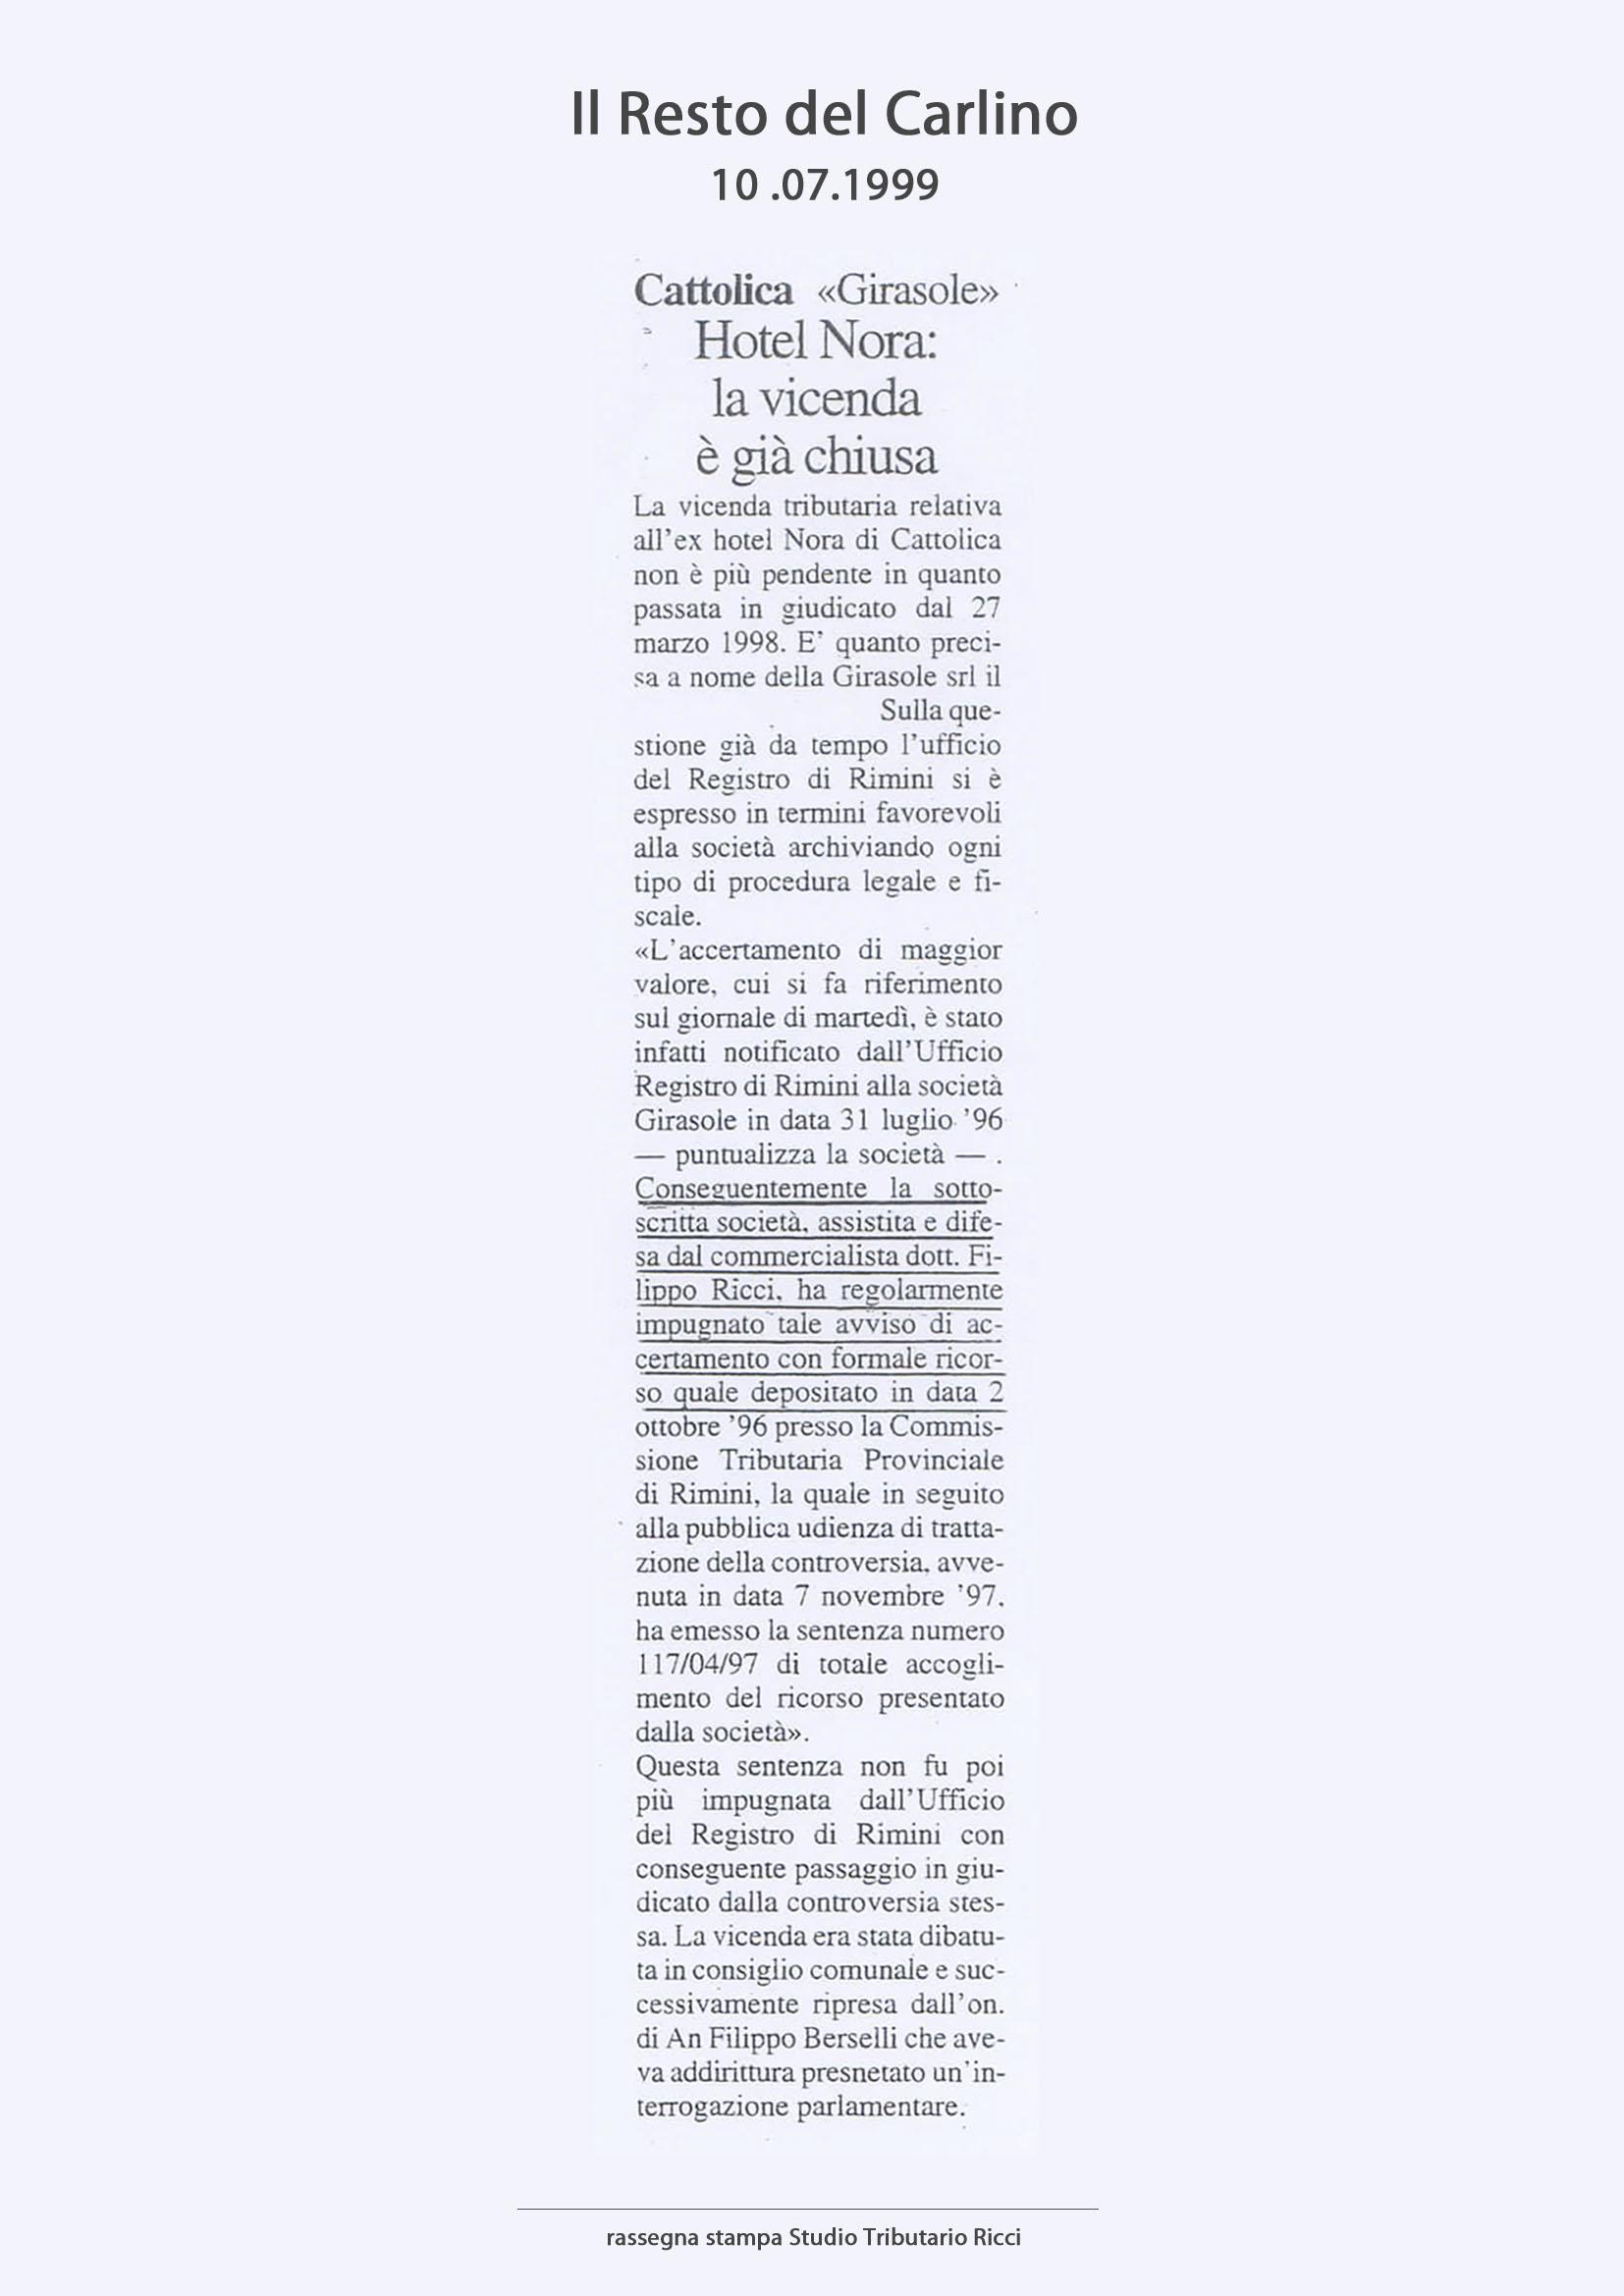 Rassegna-stampa-Studio-Tributario-Ricci-1